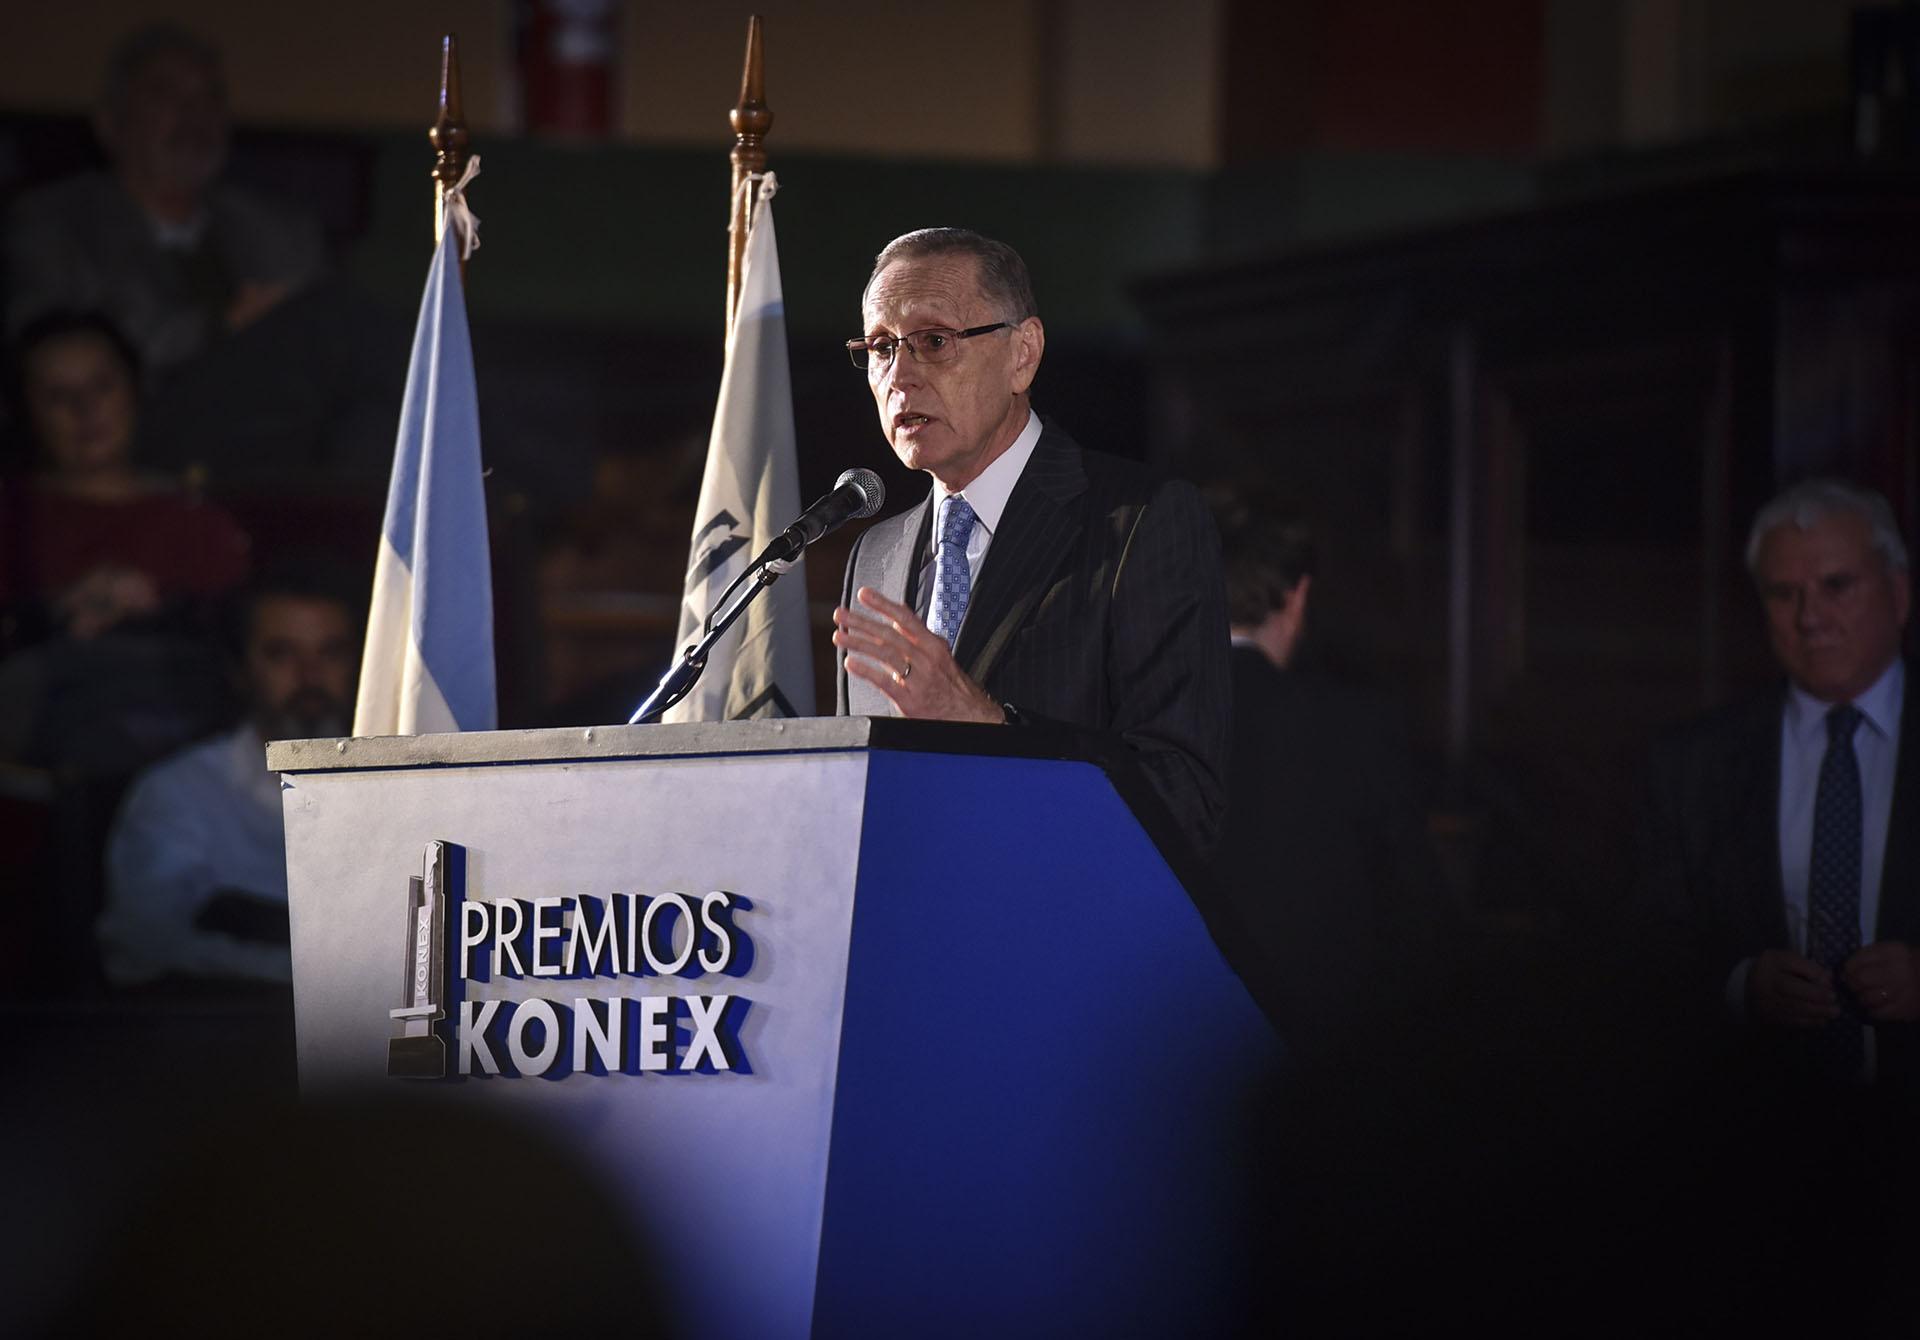 El presidente del Gran Jurado de los Premios Konex 2018: Instituciones-Comunidad-Empresa, Adalberto Rodríguez Giavarini (Konex 1998: Administradores Públicos. Jurado Premios Konex 2008). En su 39° edición, es el turno de la actividad Instituciones-Comunidad-Empresa y se premian a los 5 mejores exponentes en cada una de las 20 disciplinas en las se divide la actividad